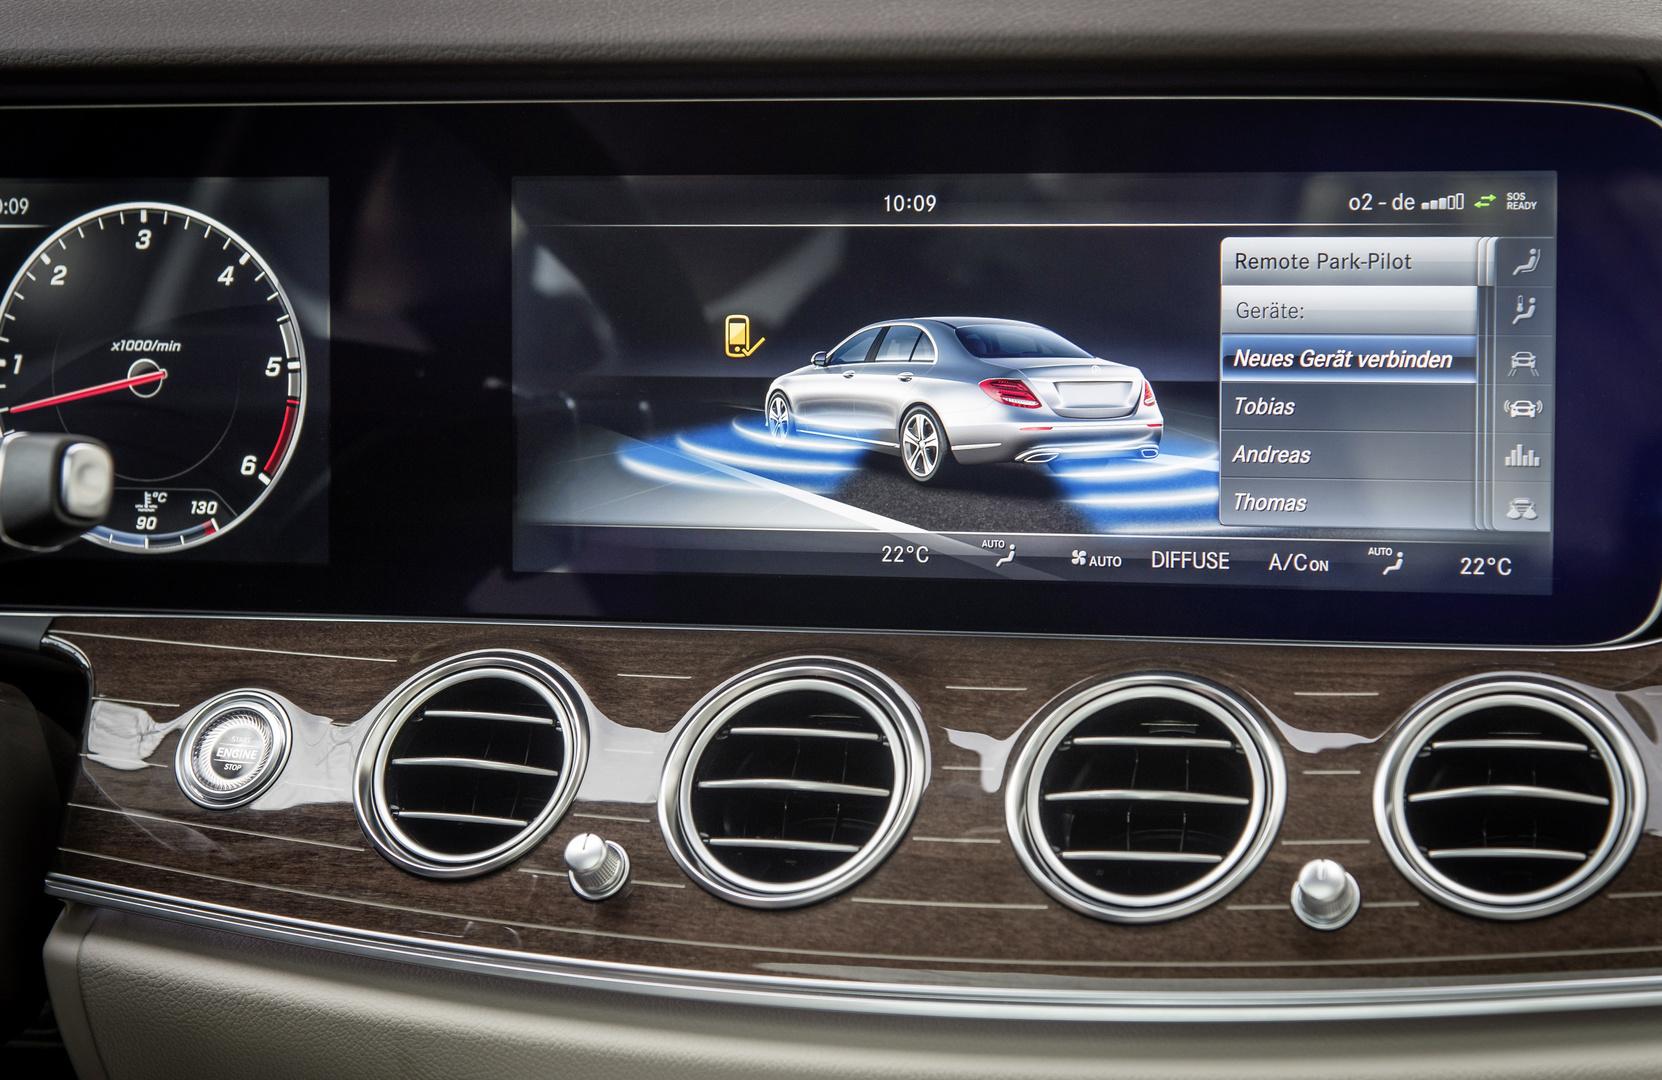 Neues Smartphone mit dem Fahrzeug koppeln